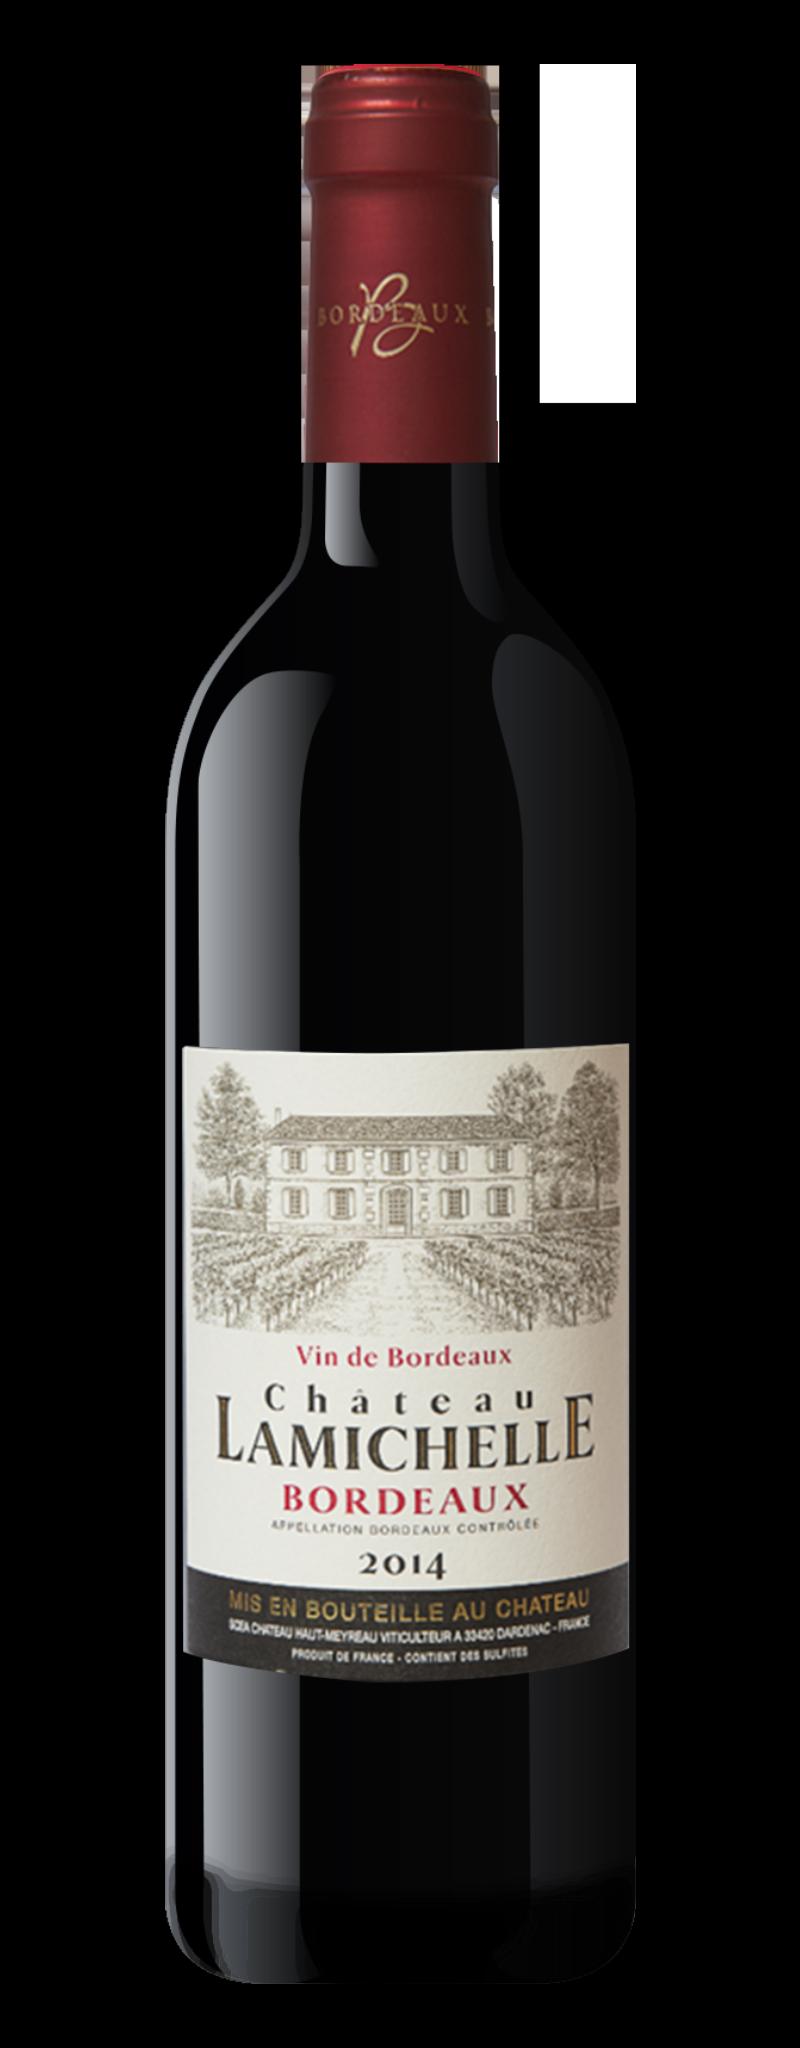 Chateau Lamichelle Bordeaux 2015  - 750ml